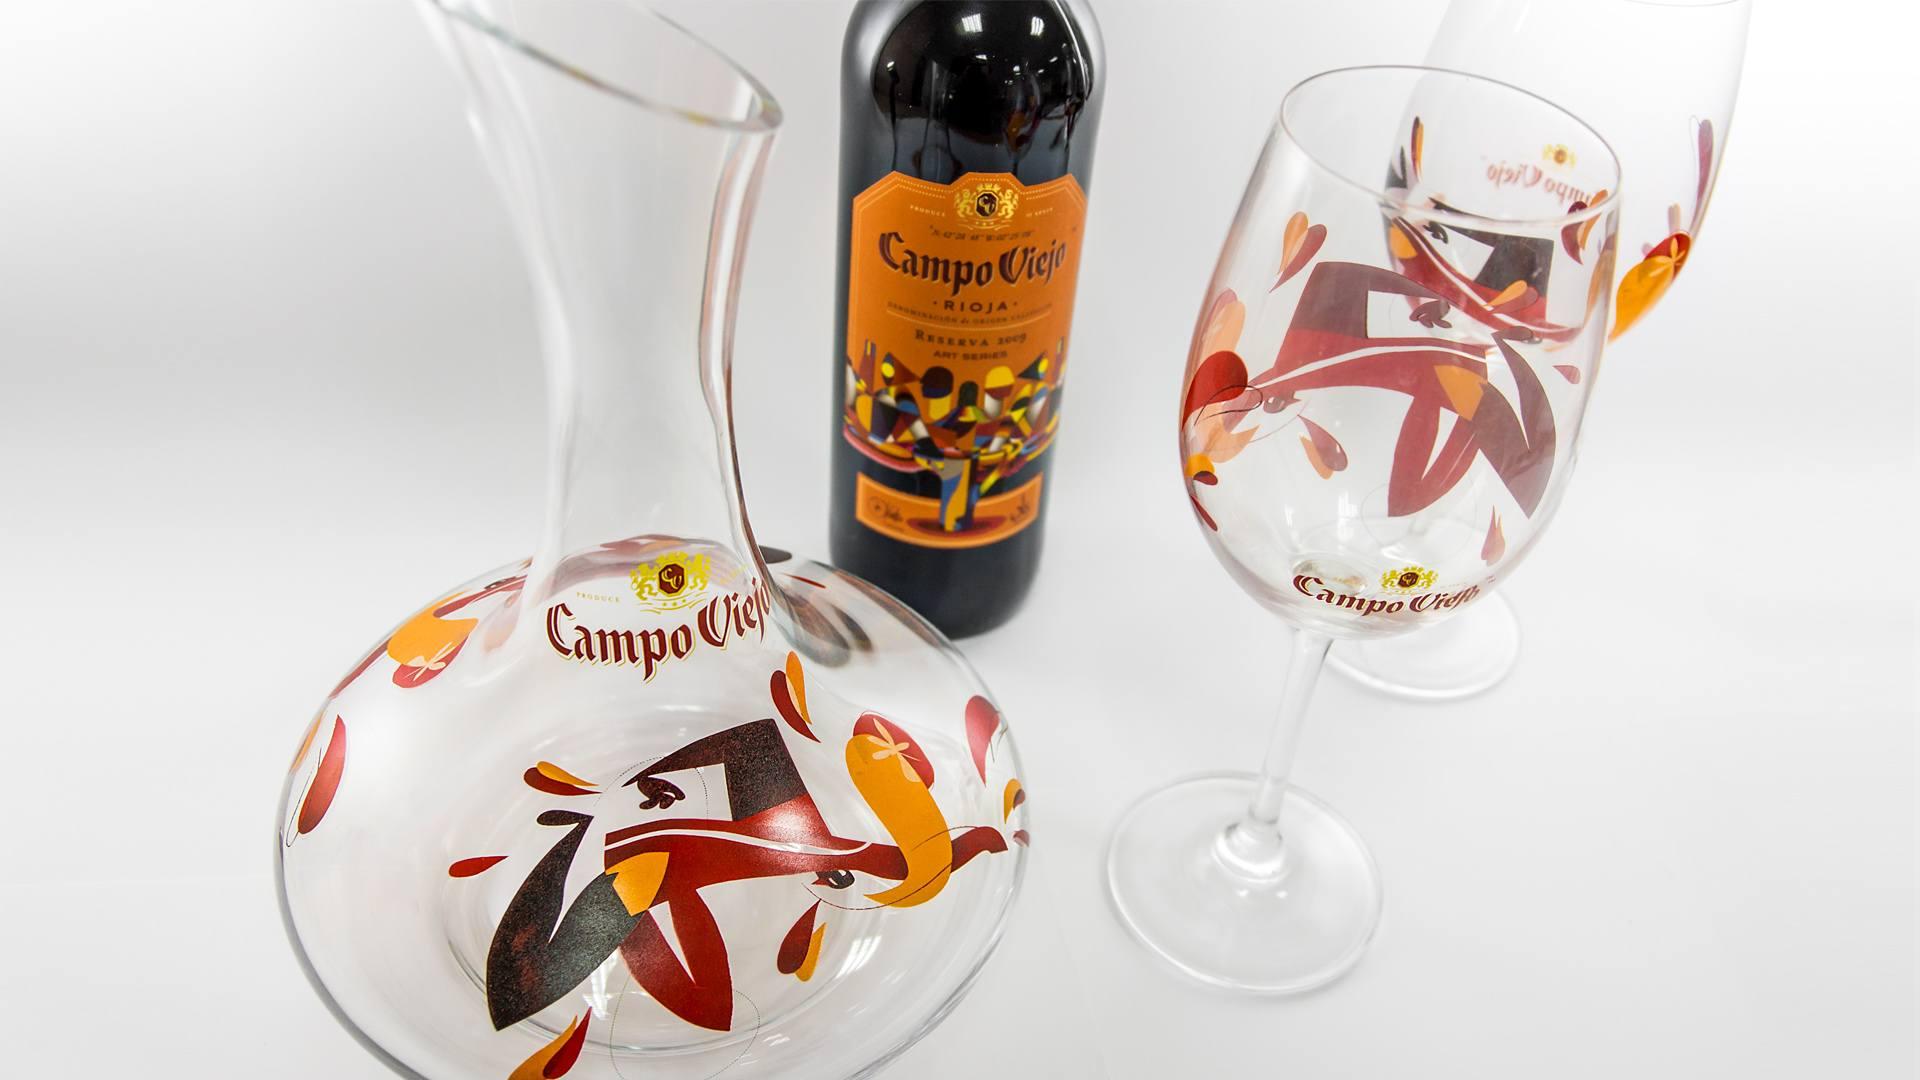 Campo Viejo Weinkaraffe Set Wine Decanter Karaffe Wein Glas wineglass printed bedruckt